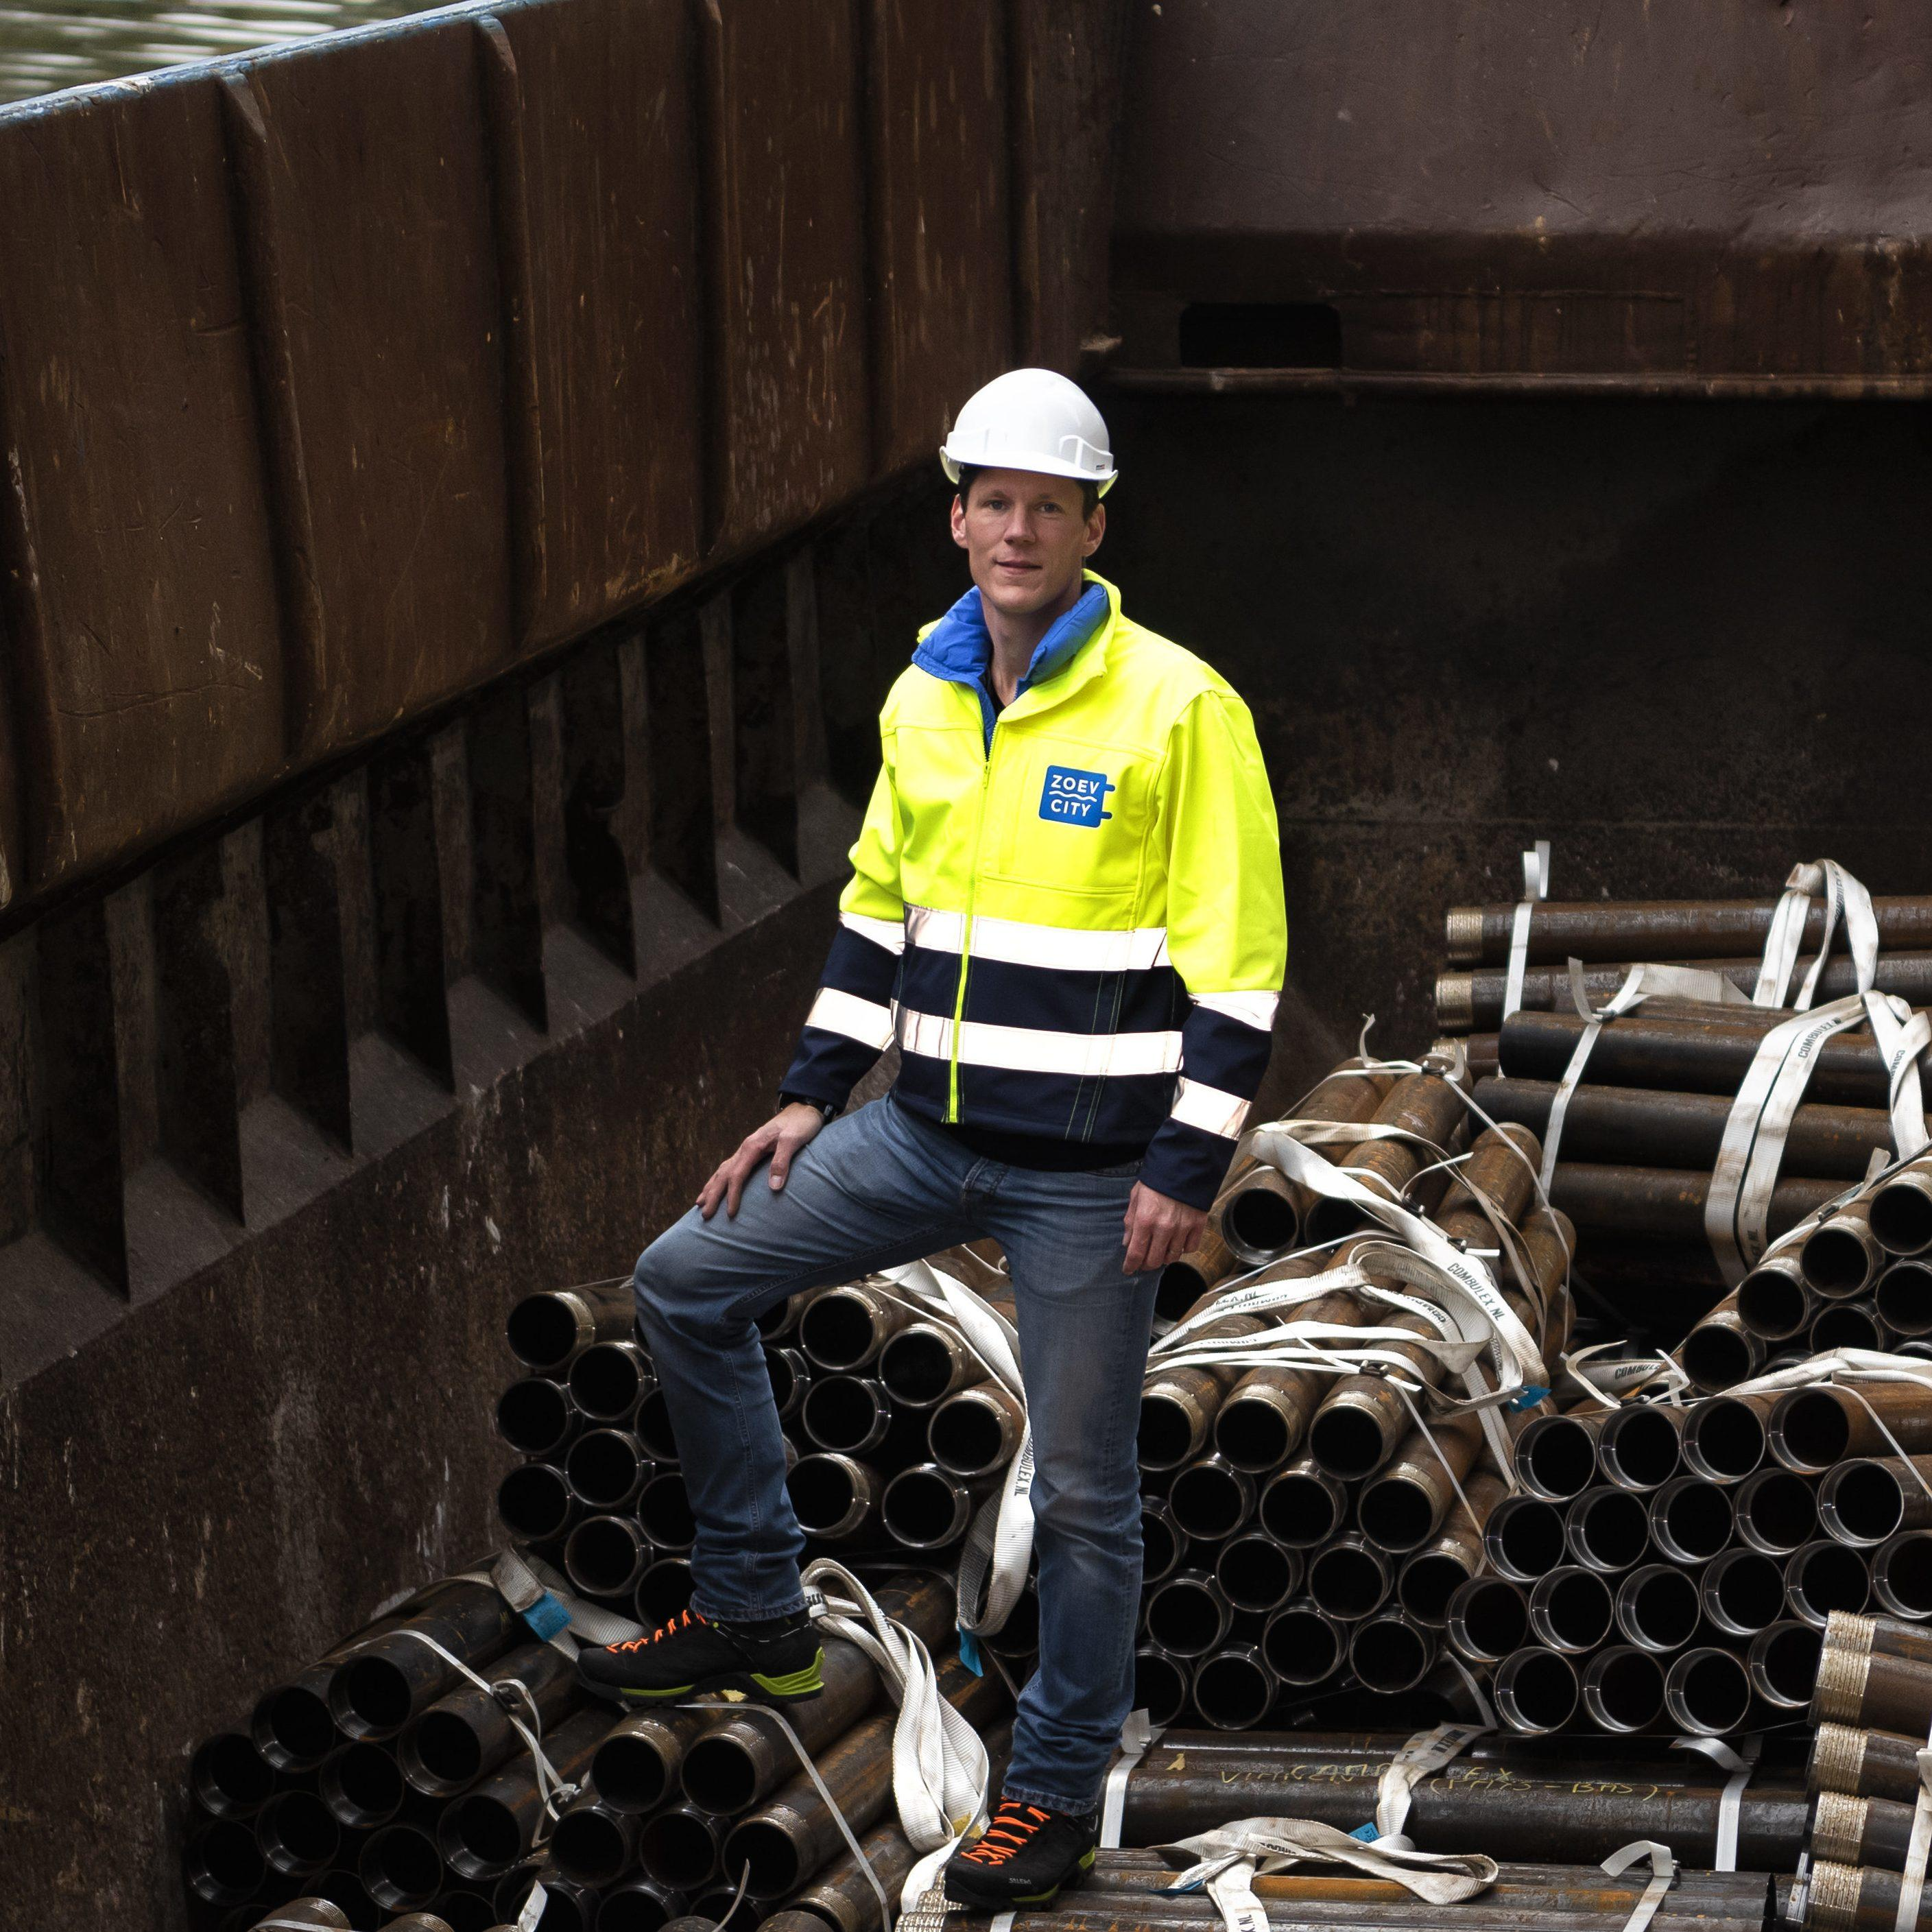 Medewerker tussen bouwmaterialen op elektrische sleep- en duwboot van Zoev City